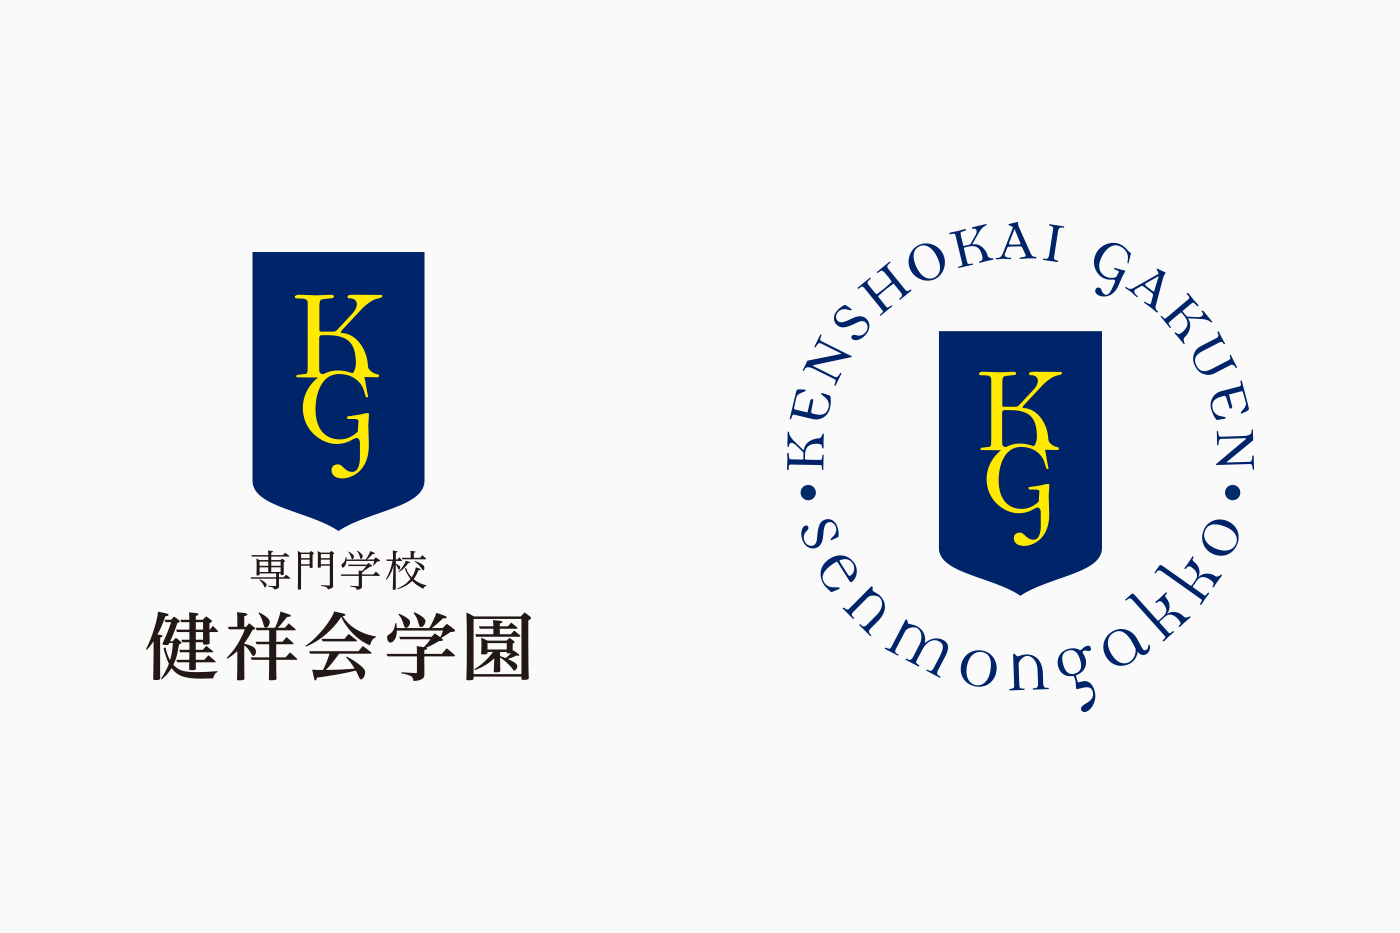 学校ロゴ・シンボルマークデザイン制作